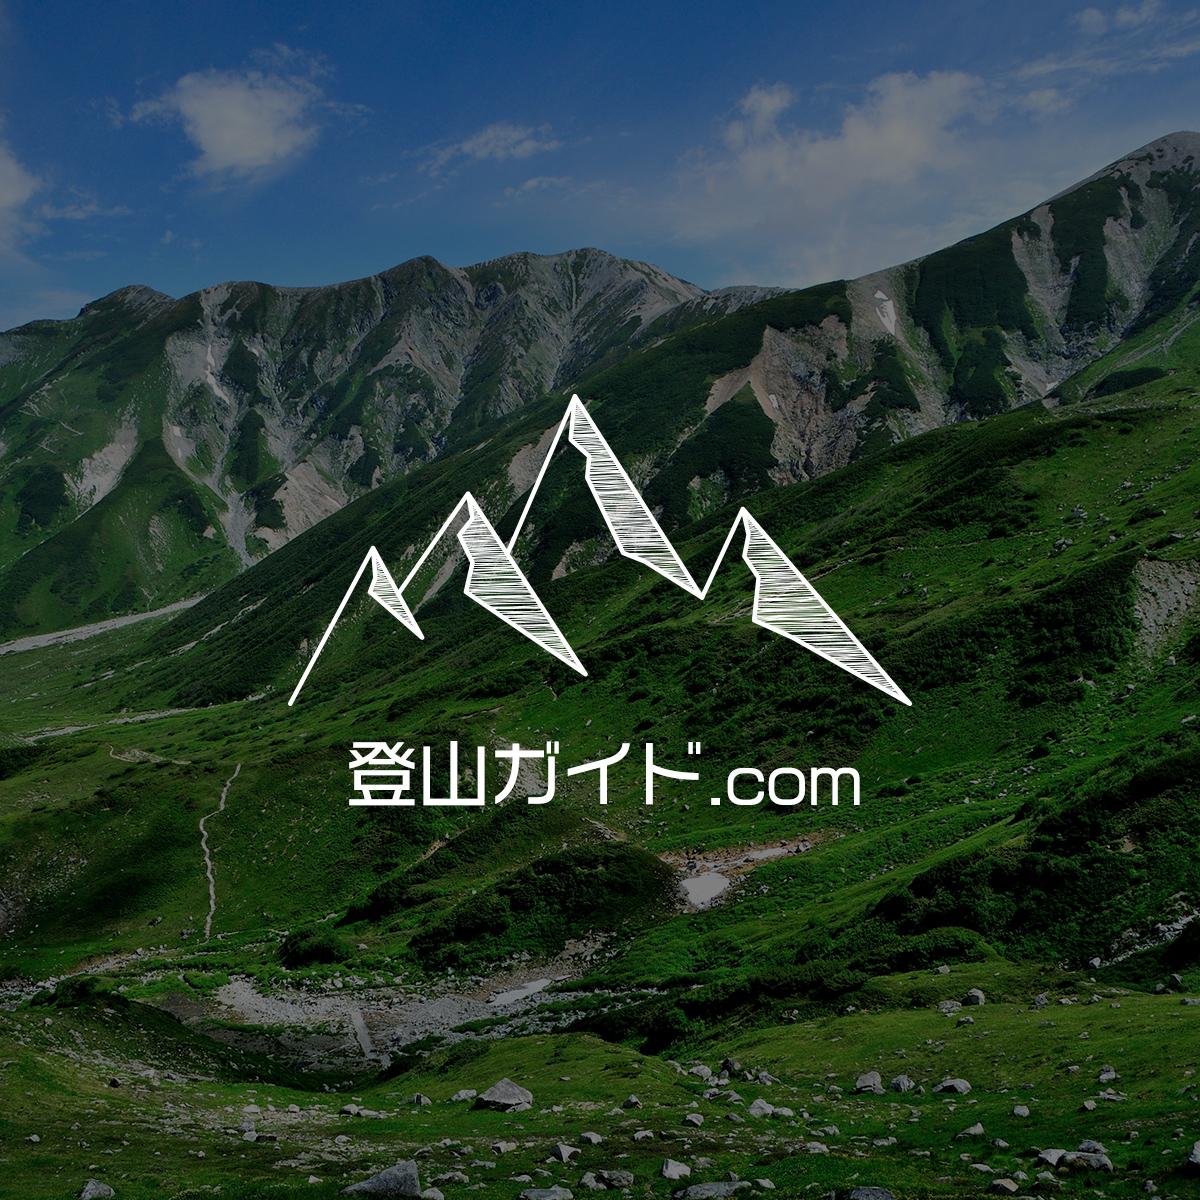 登山ガイド.com